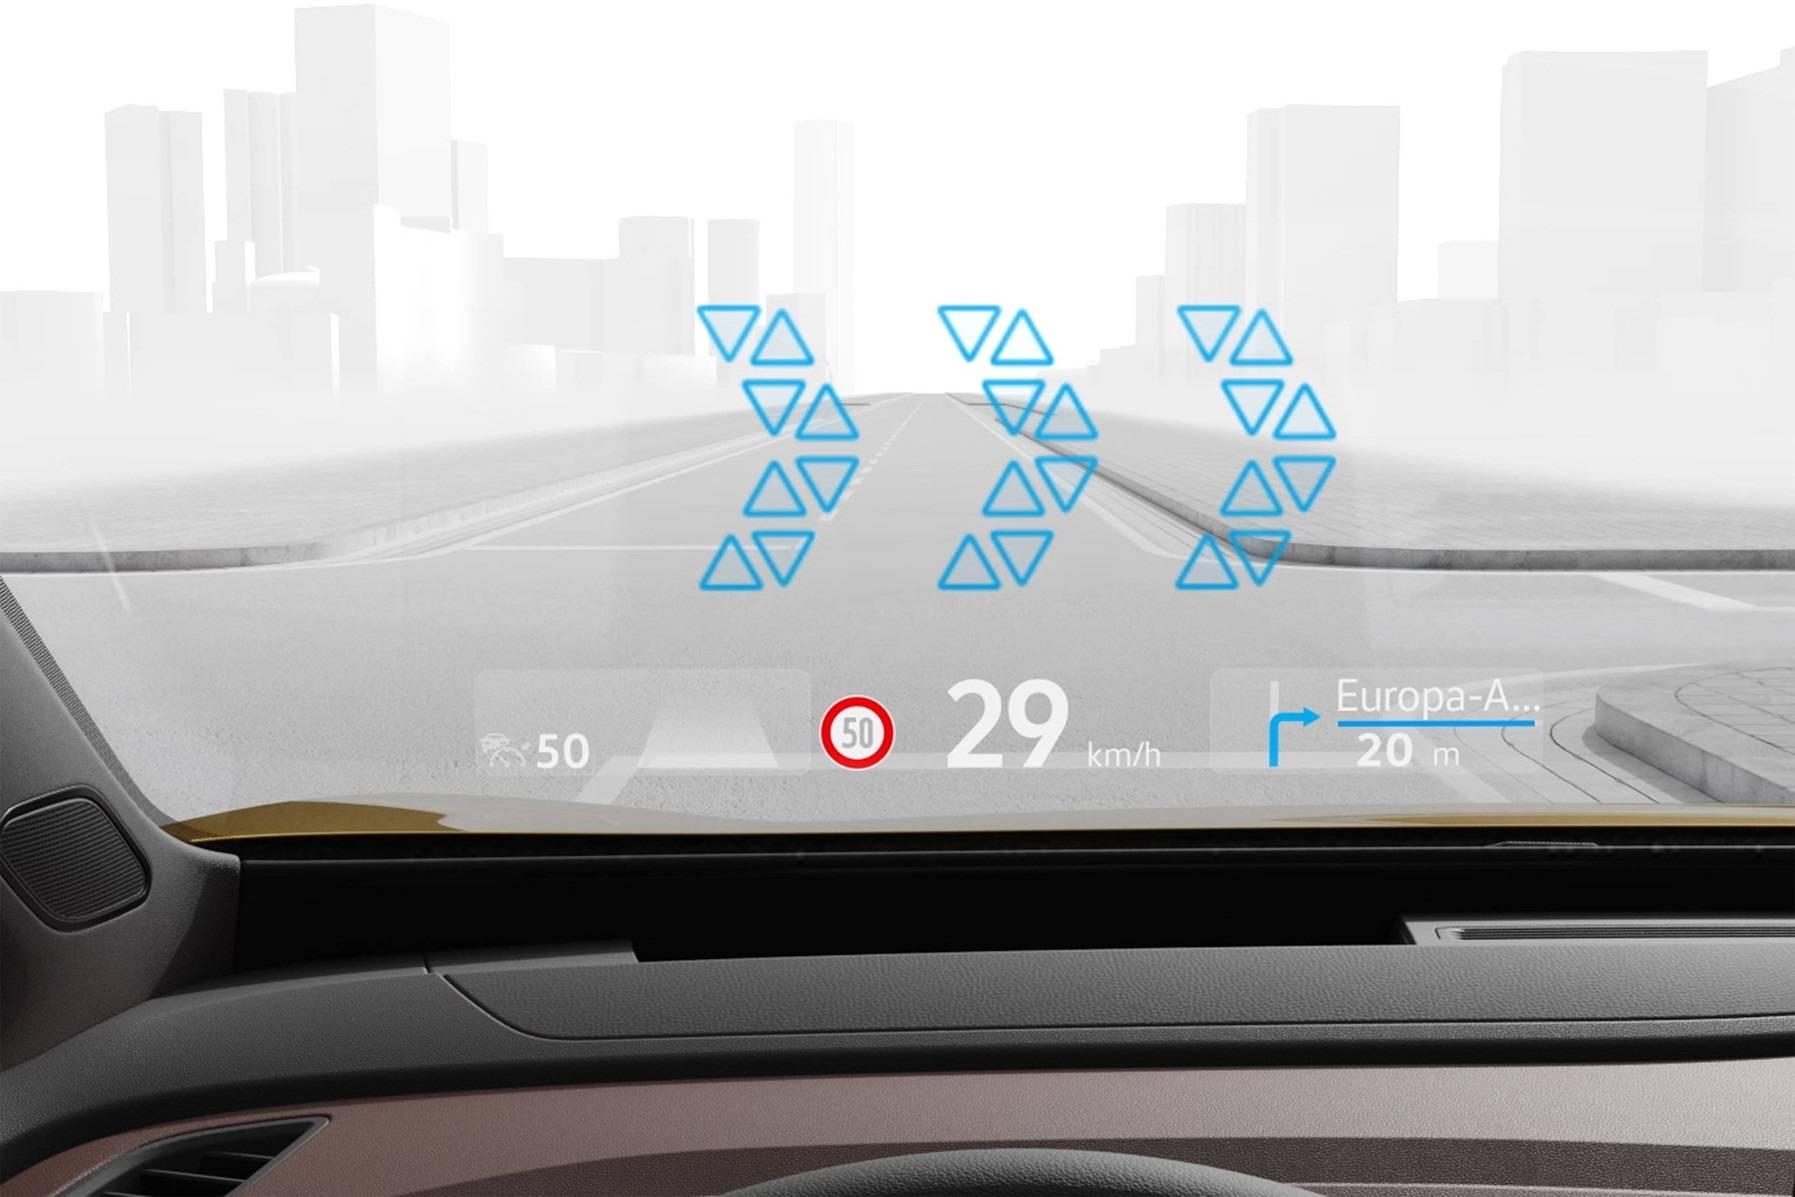 大众汽车推出AR抬头显示系统 将率先搭载至ID.3和ID.4车型